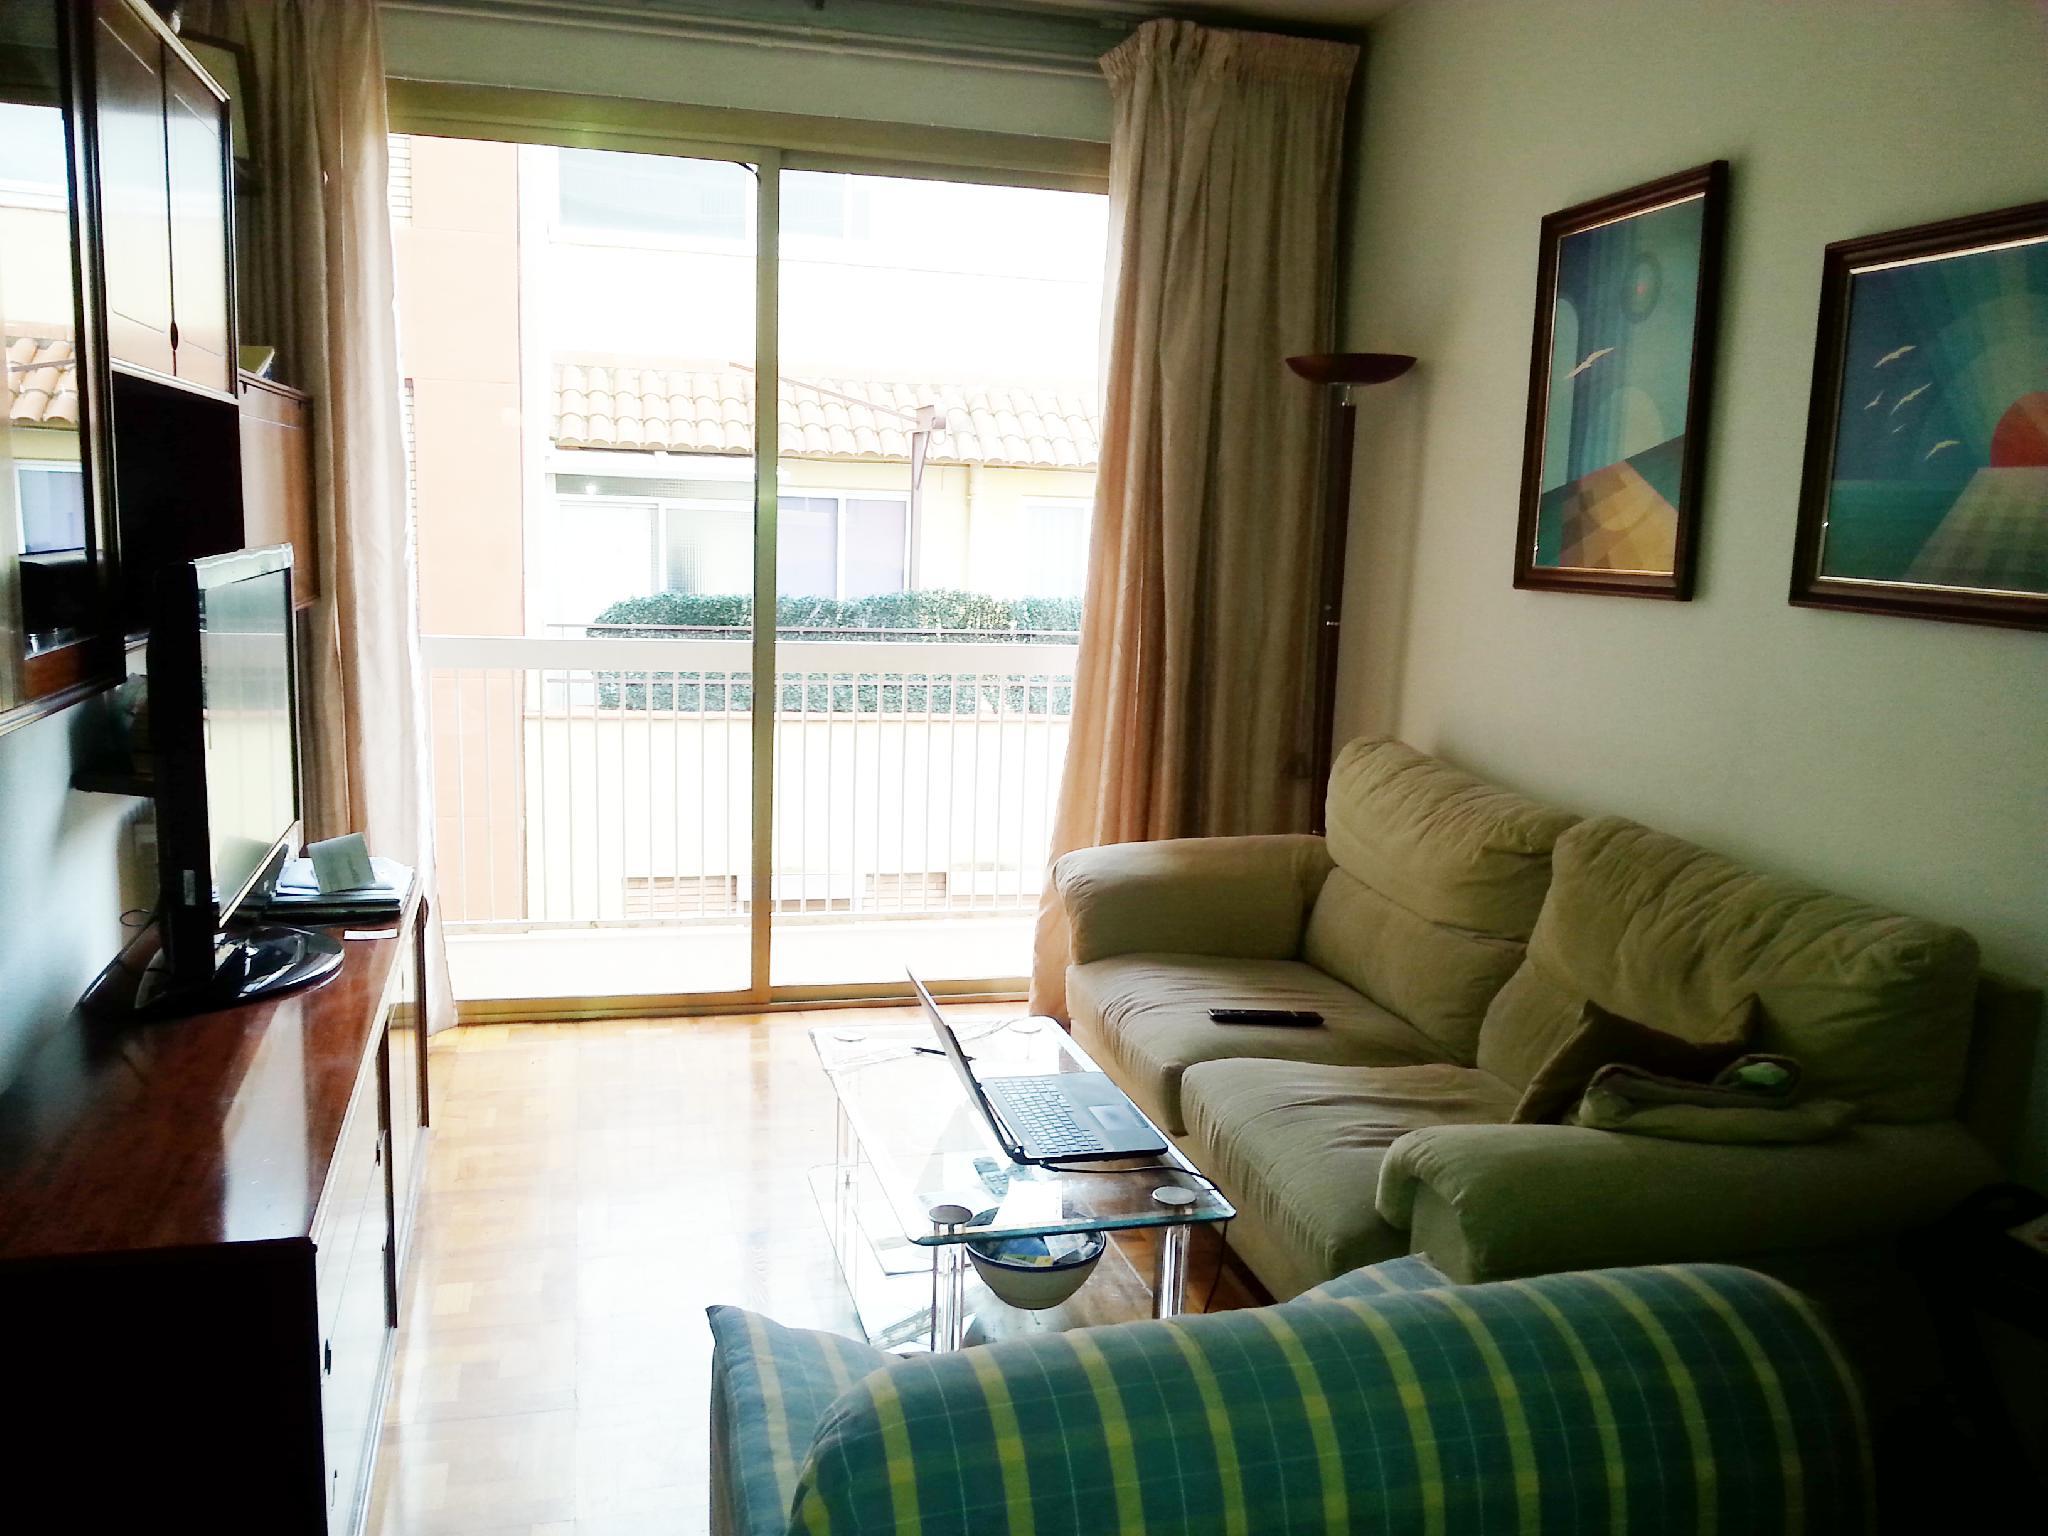 petit-appartement-de-vente-a-avd-de-la-republica-argentina-cerca-de-plaza-lesseps-el-putxet-i-farro-a-barcelona-225652573